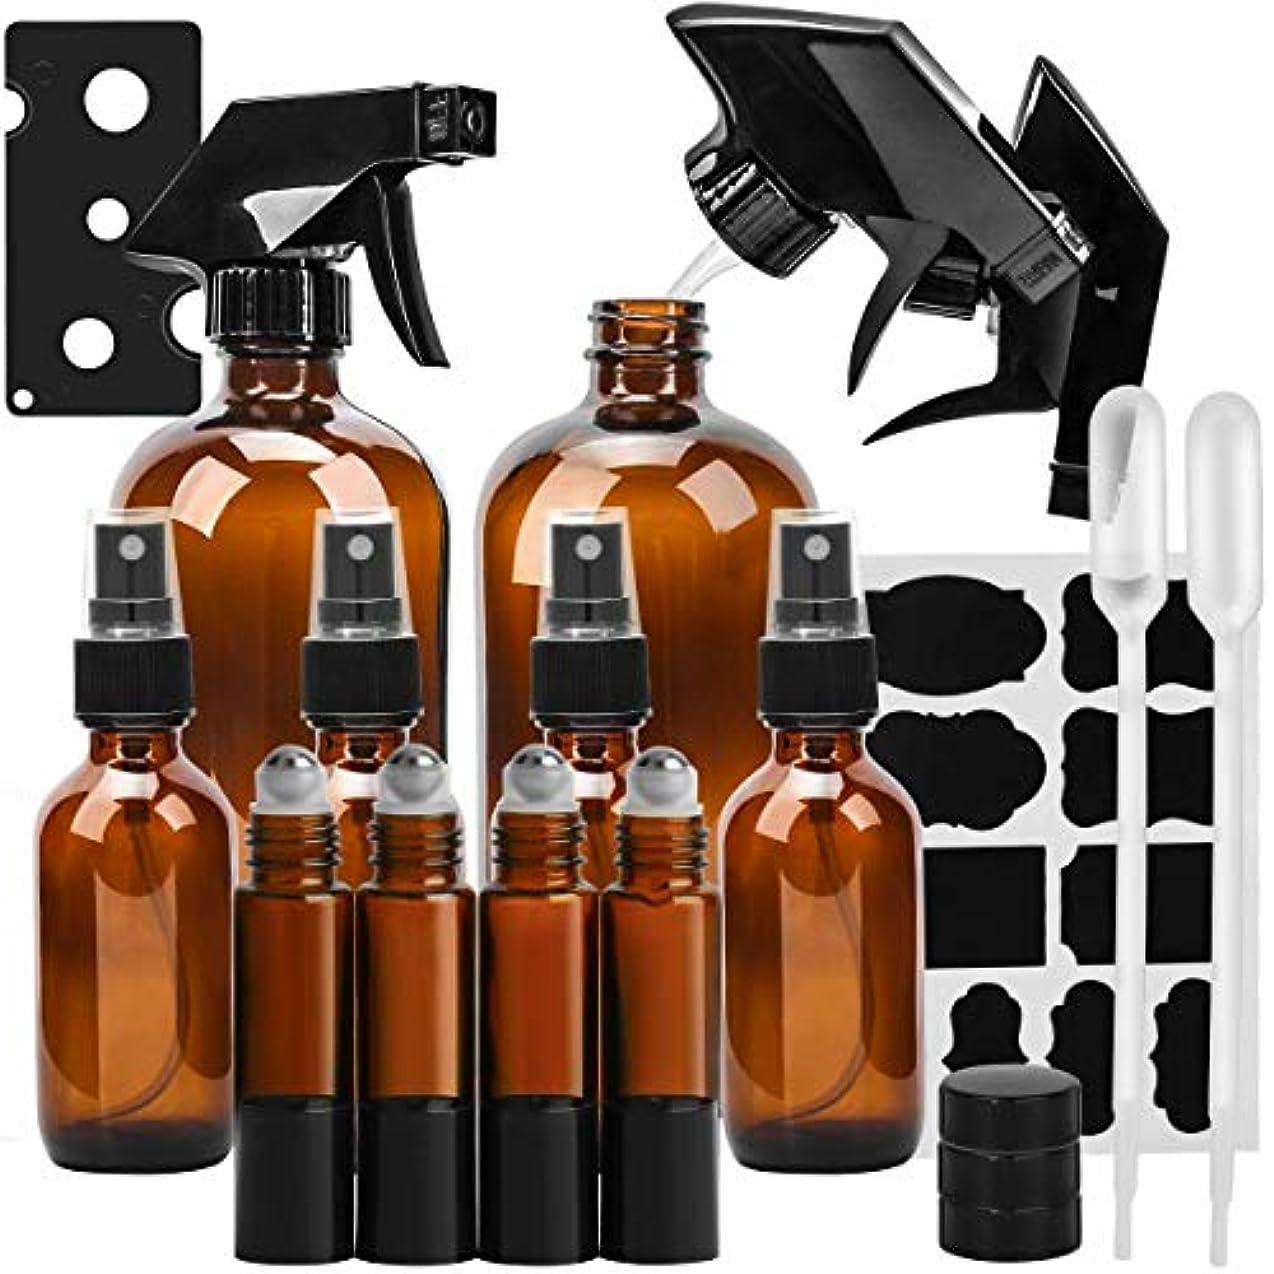 状態免除するマインドKAMOTA 16オンス×2 2オンス×4 10ミリリットルローラーボトル×4 - 製品やアロマテラピーを清掃エッセンシャルオイル 用 詰め替え容器 セットガラススプレーボトルアンバーガラススプレーボトル アンバー-2